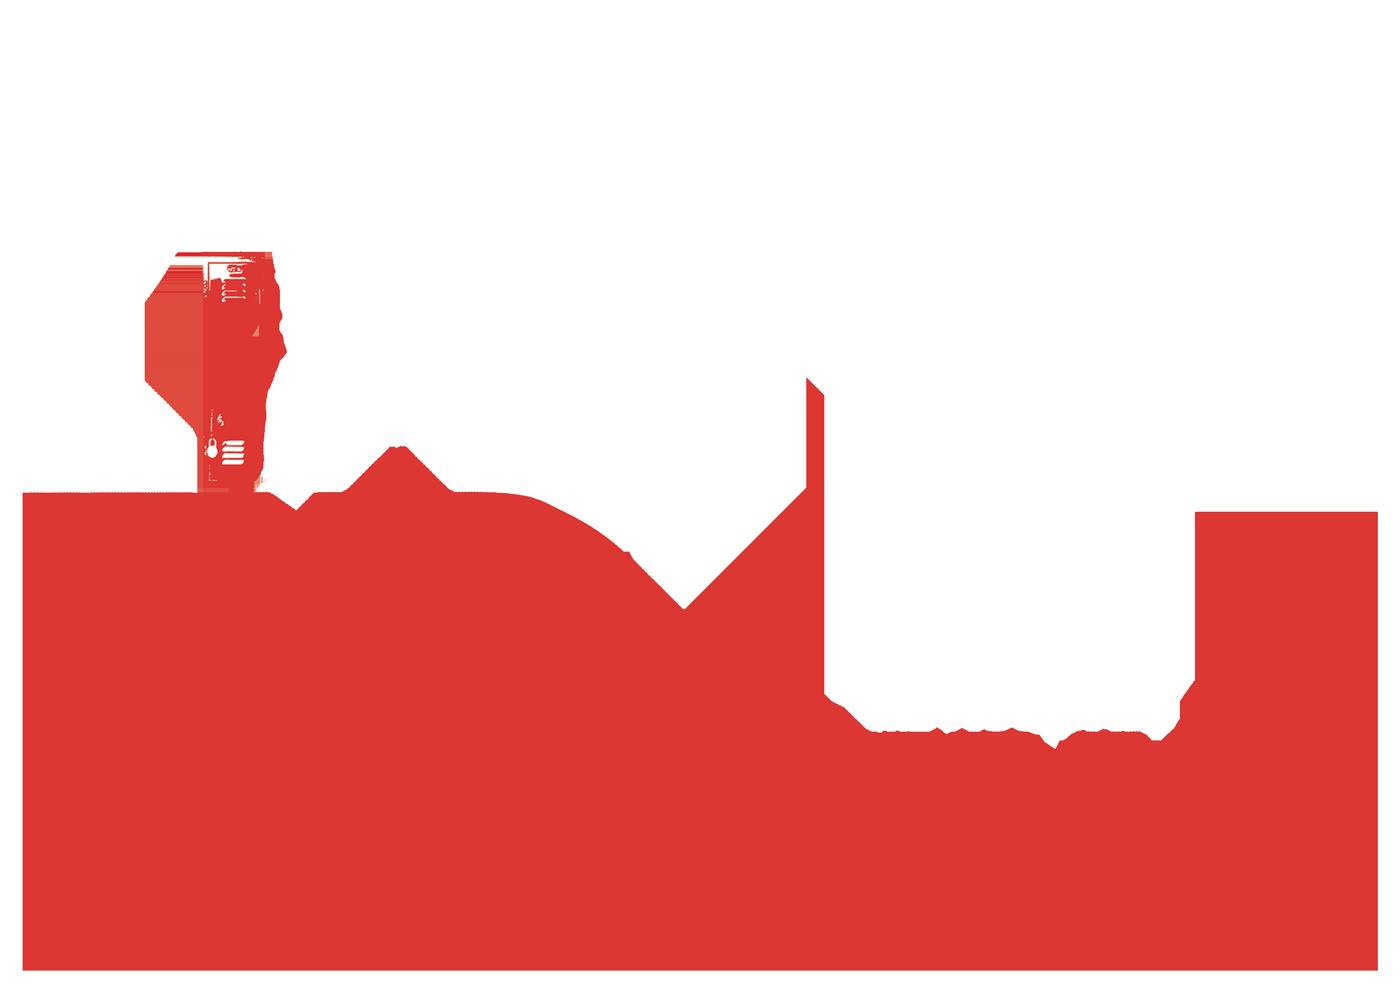 Speak-Life-The-Musical-End-Bulling-Logo-S